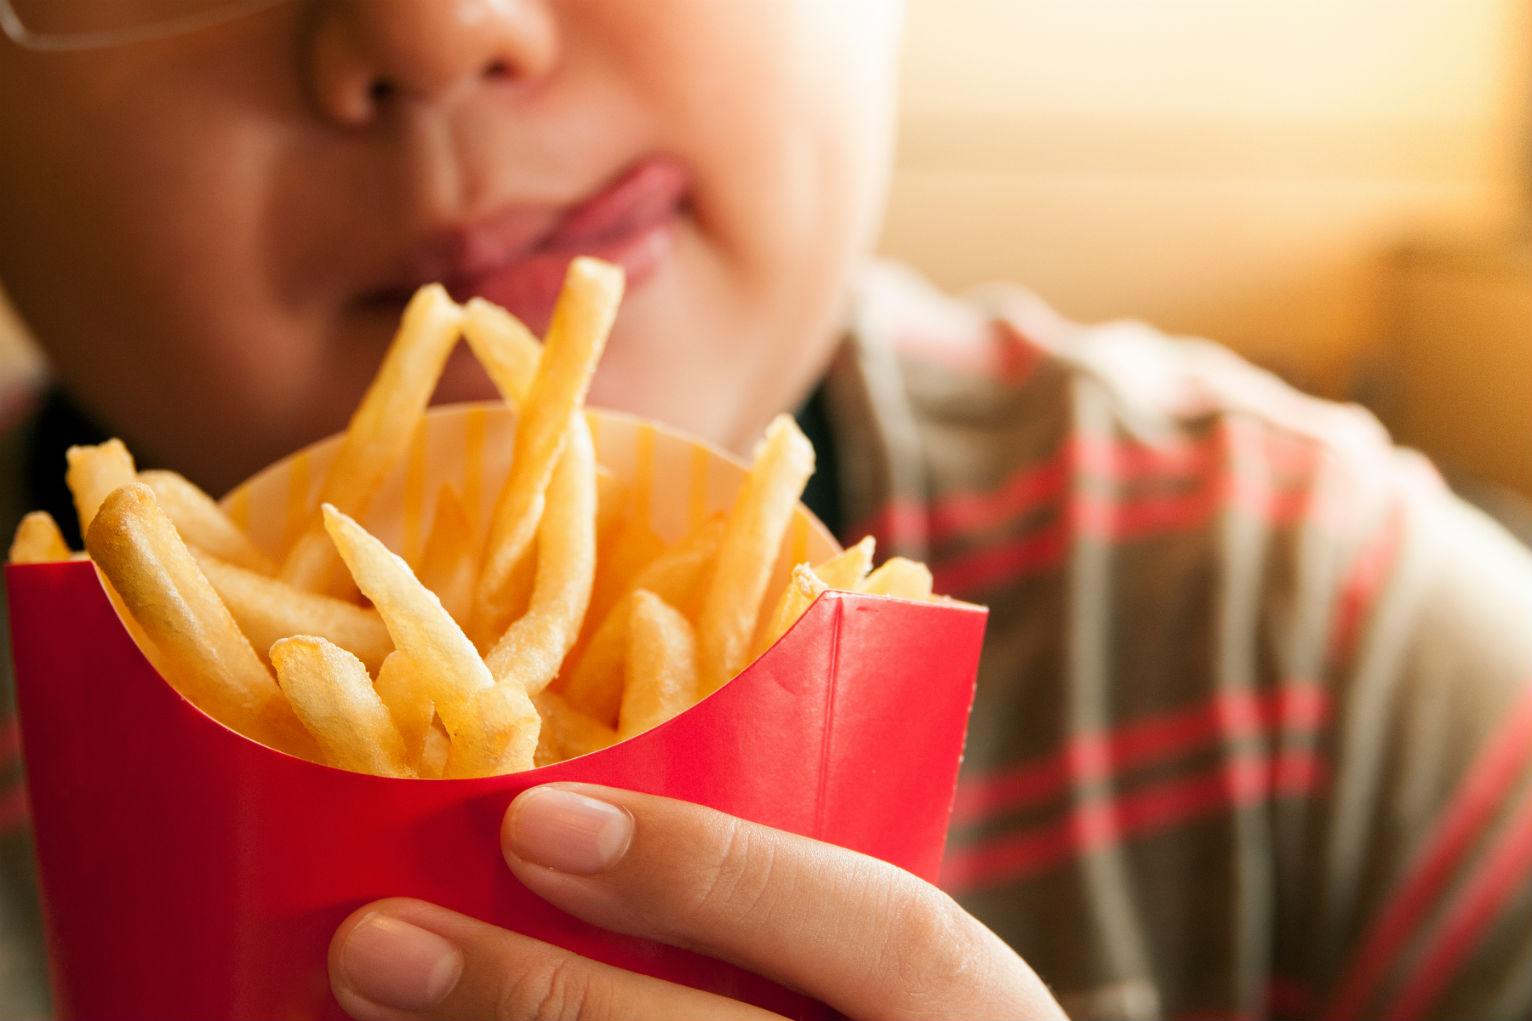 【飲食禁區】亂食宵夜影響身高!?3類食物食太多影響多